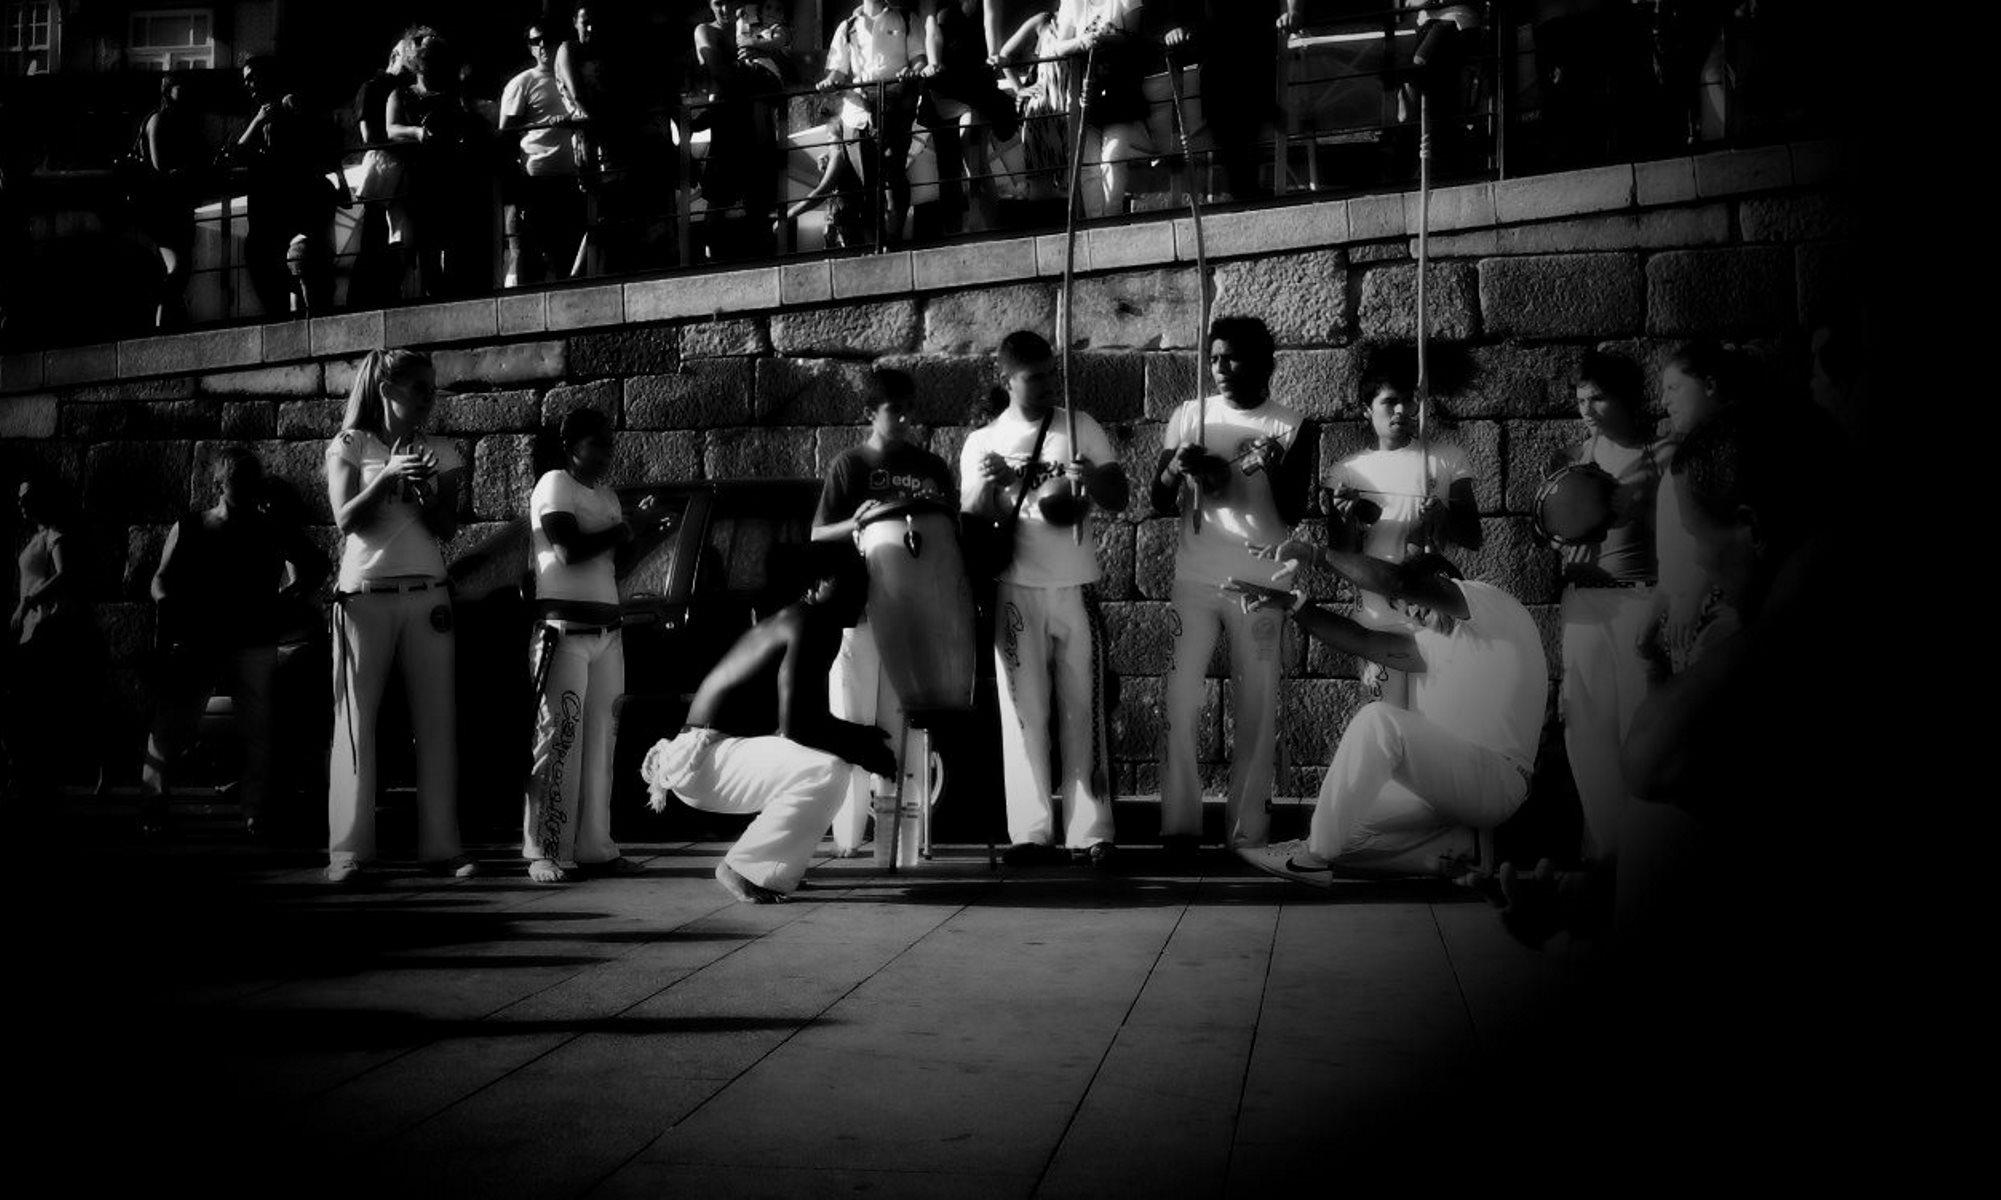 Gingando na Lusofonia: A institucionalização da capoeira em Portugal  Portal Capoeira